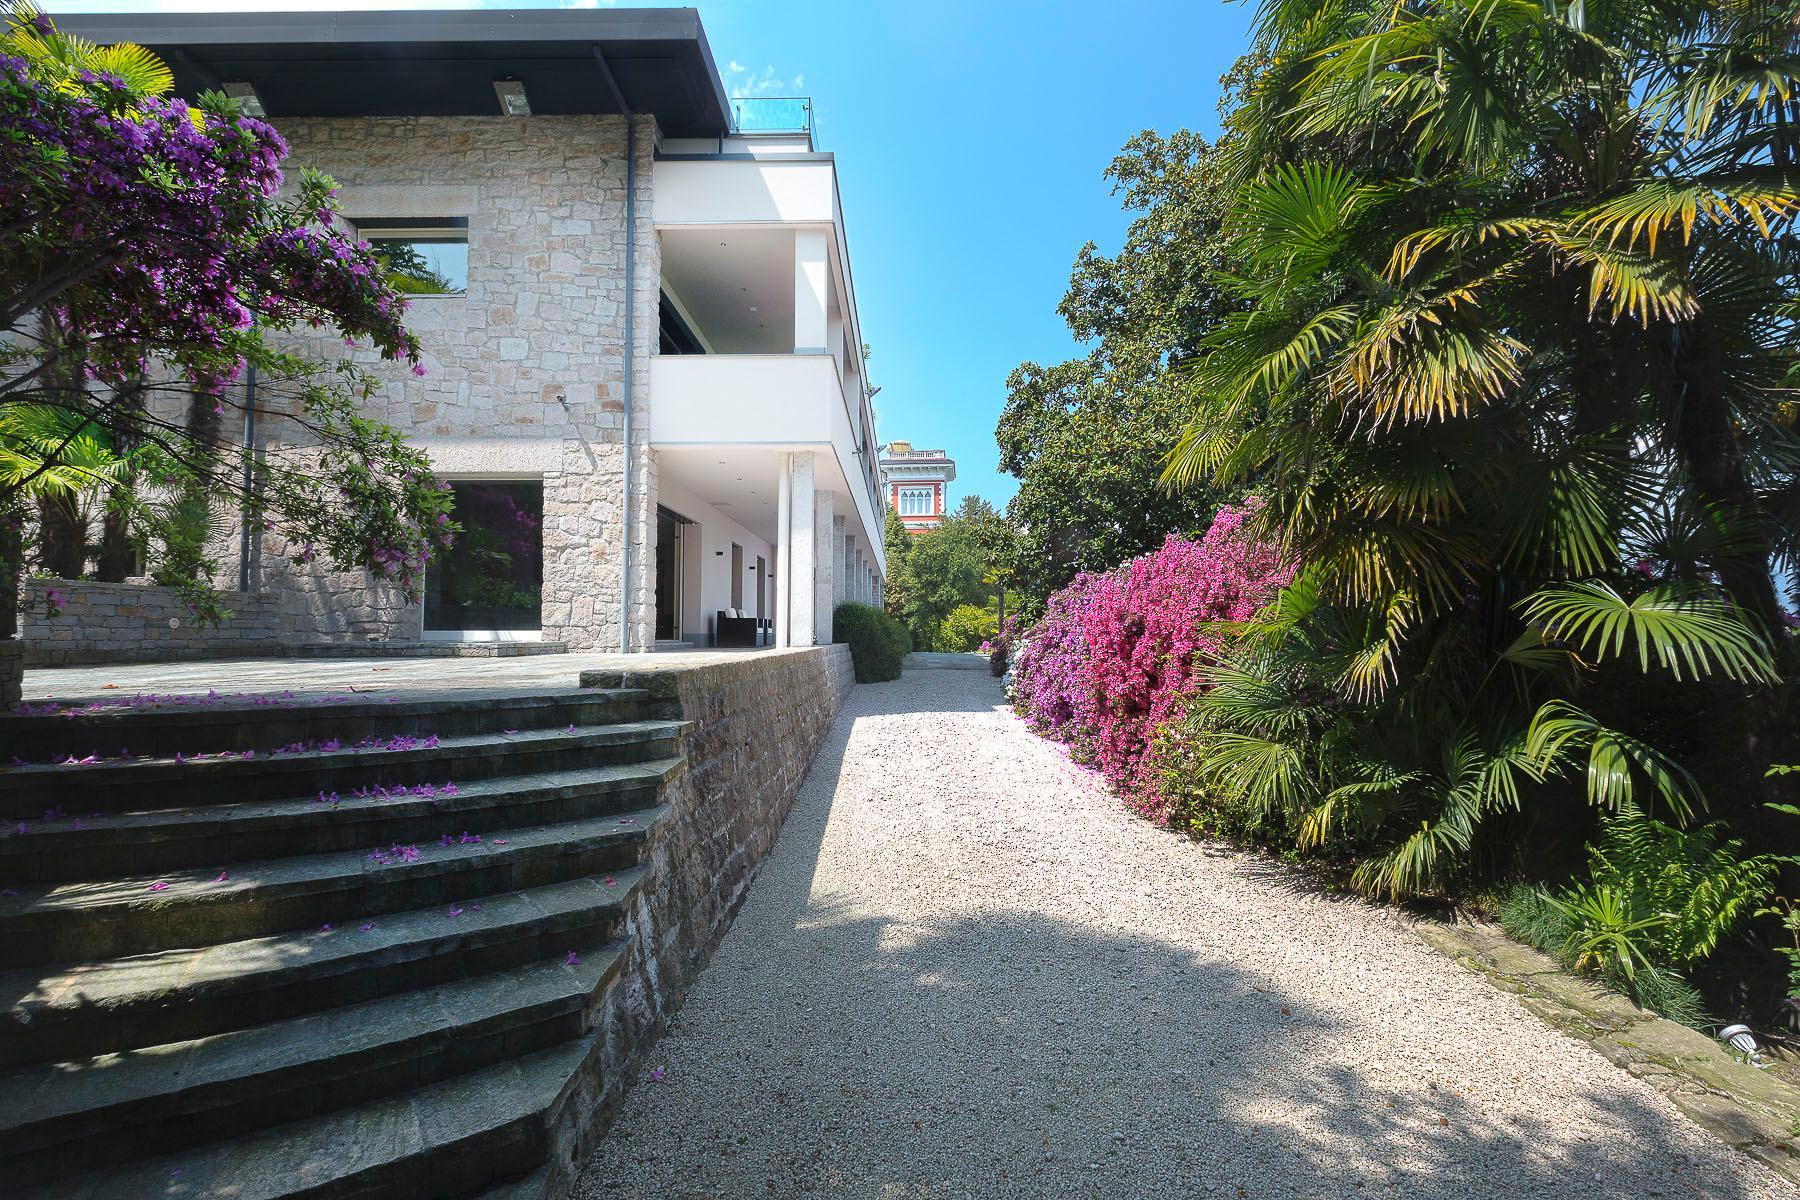 Stresa小镇具有现代化风格的迷人别墅 - 7